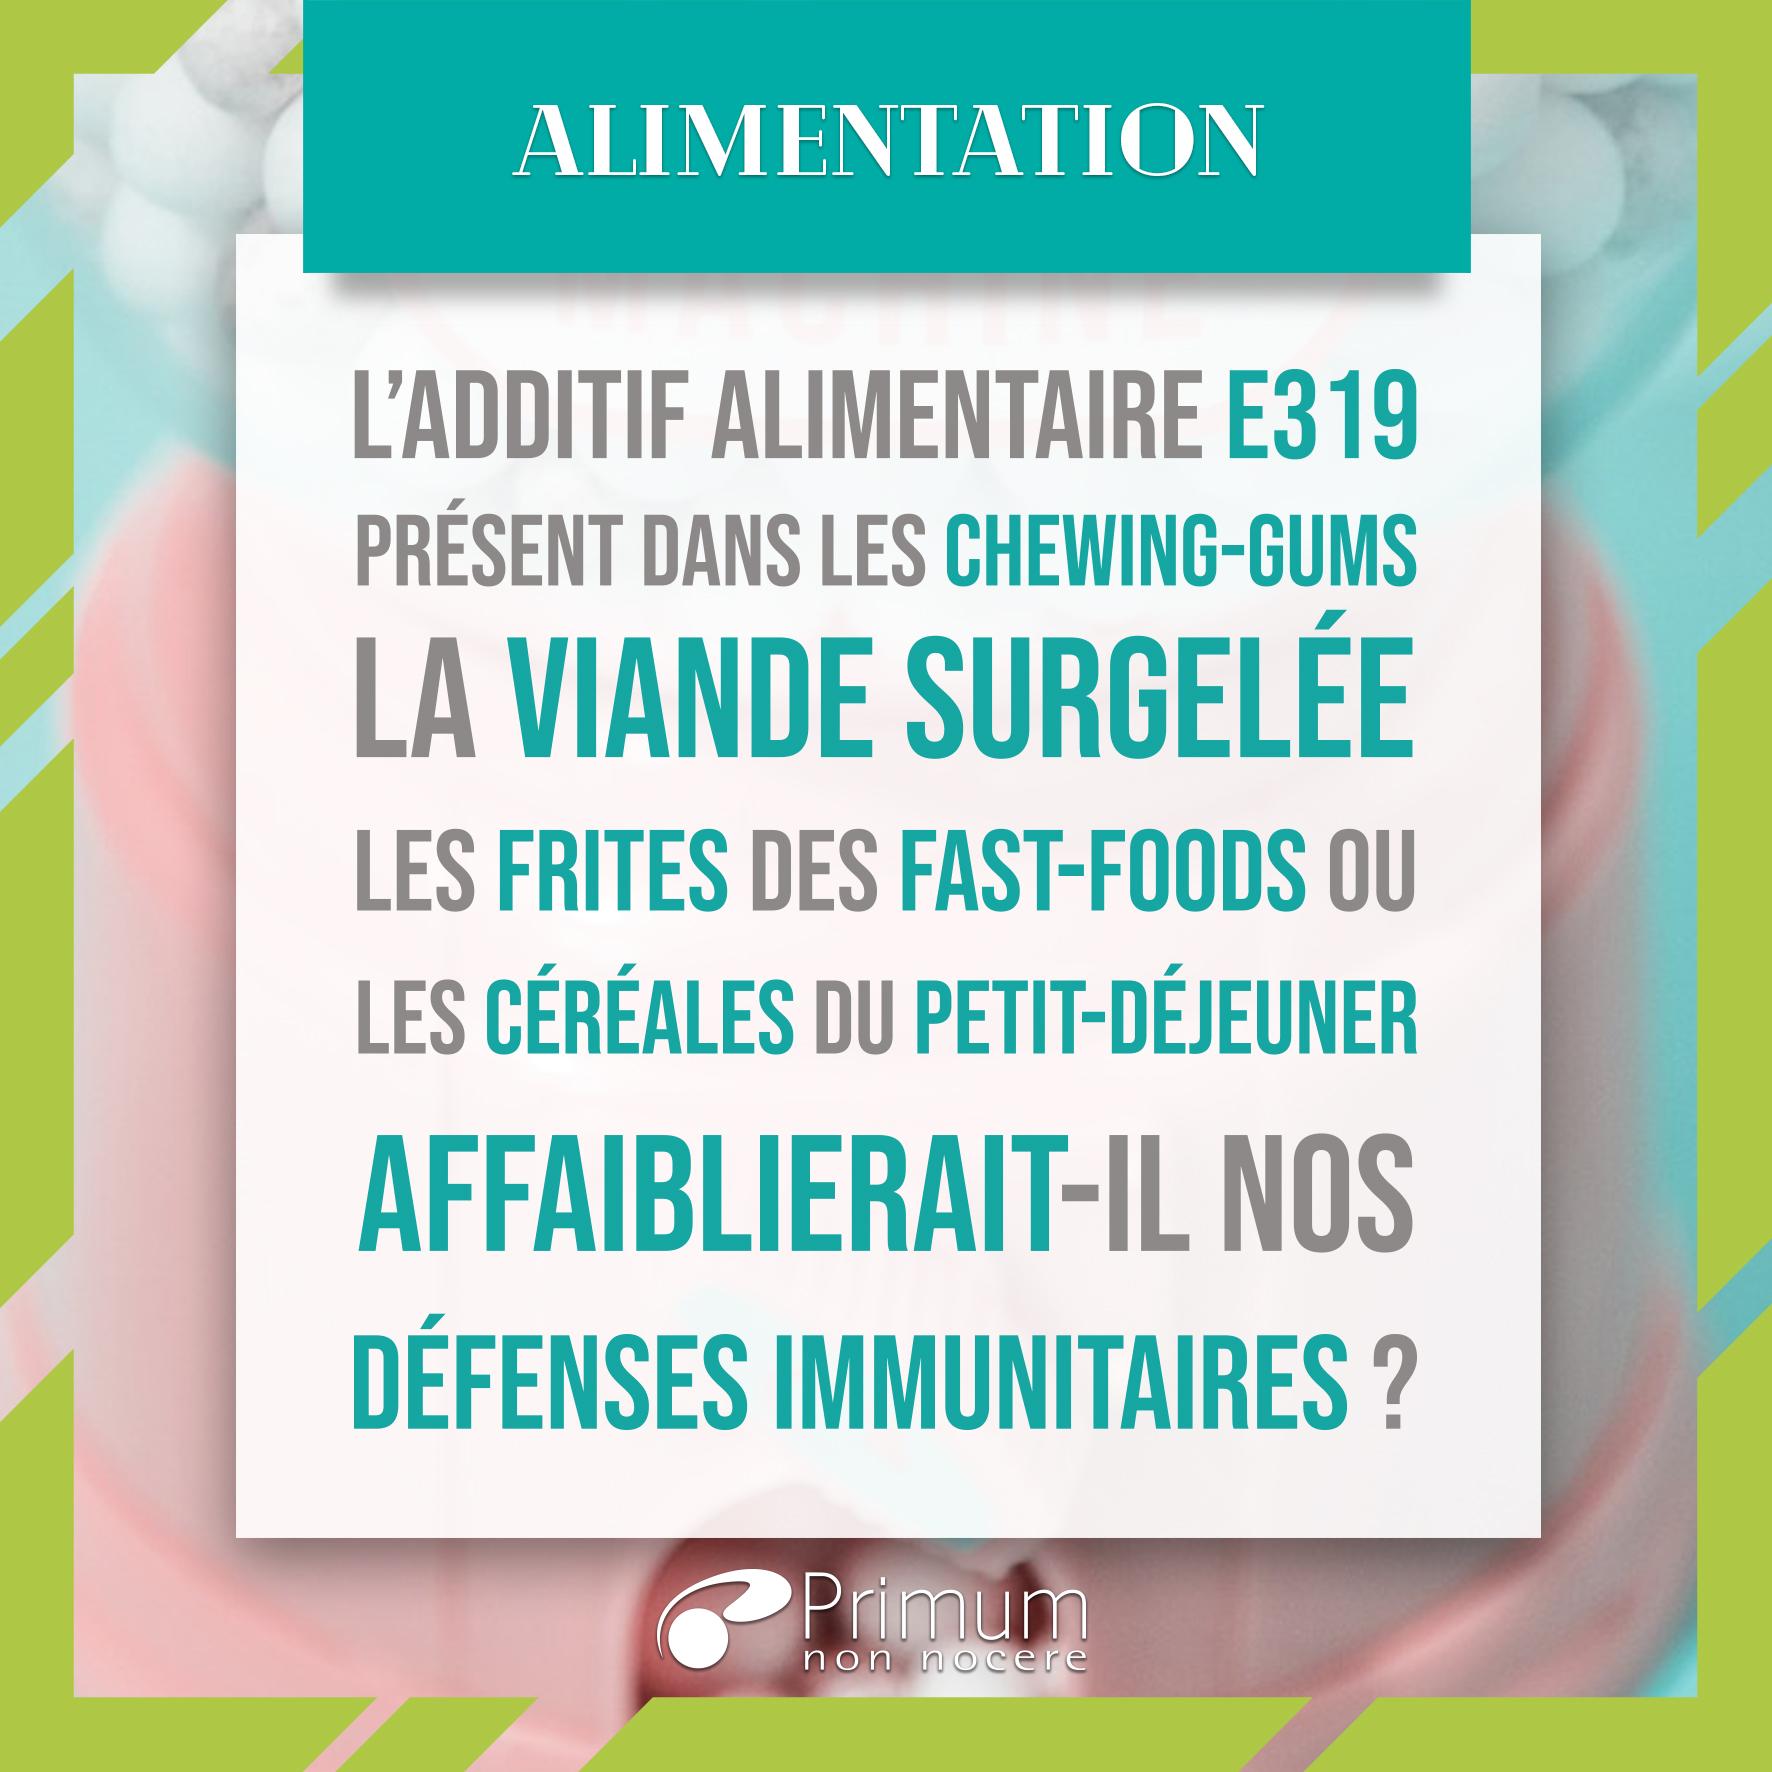 E319 additif alimentaire et défenses immunitaires